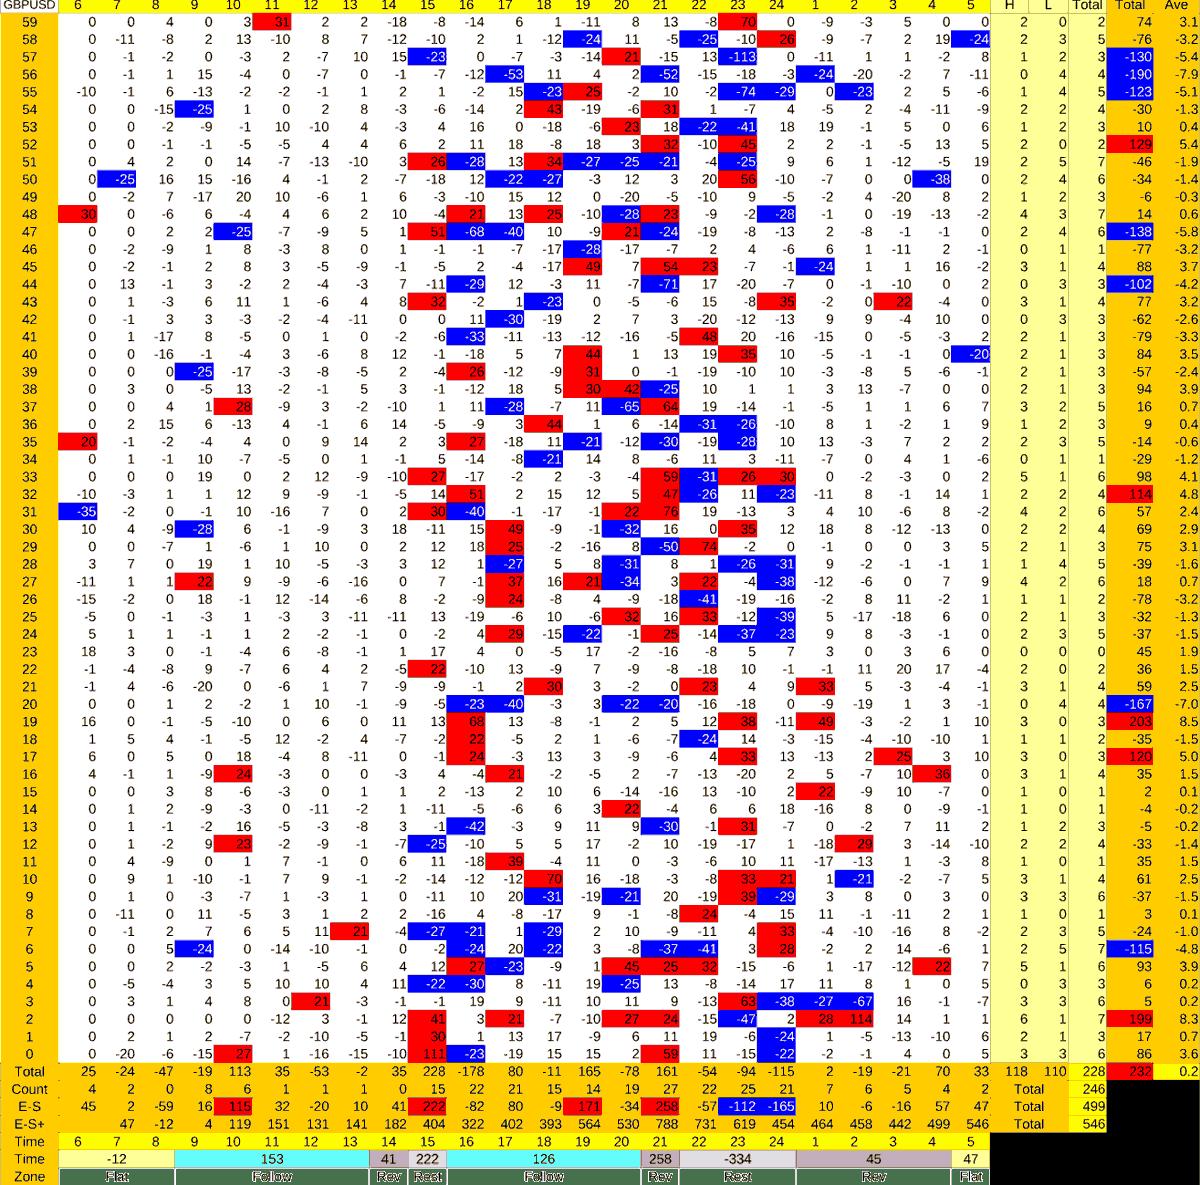 20210714_HS(2)GBPUSD